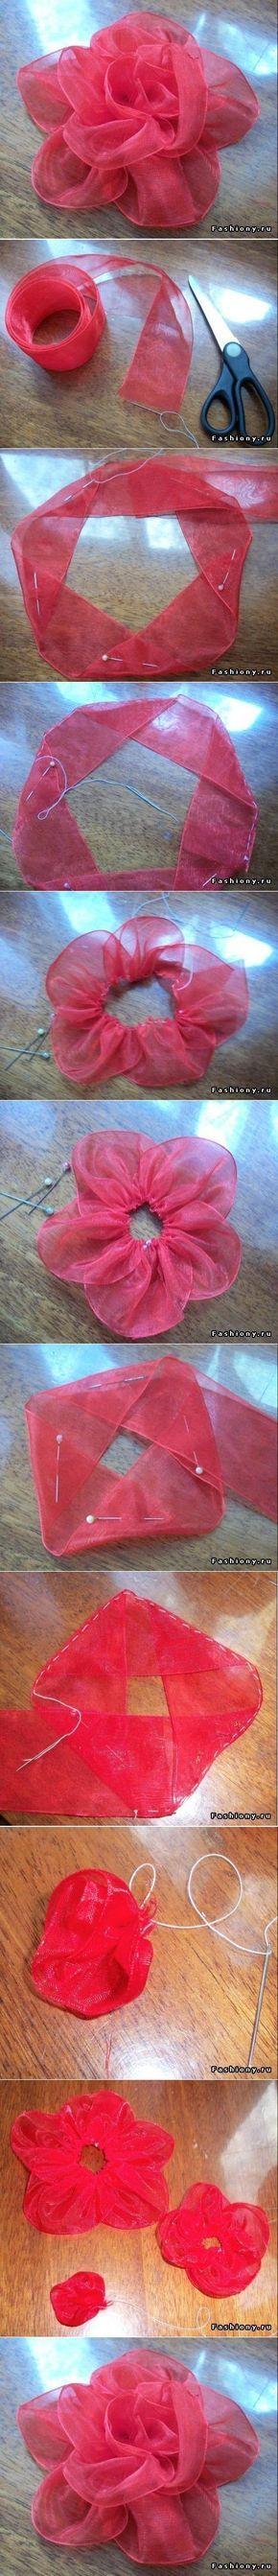 DIY Cinta Cinta de la flor DIY Proyectos | UsefulDIY.com